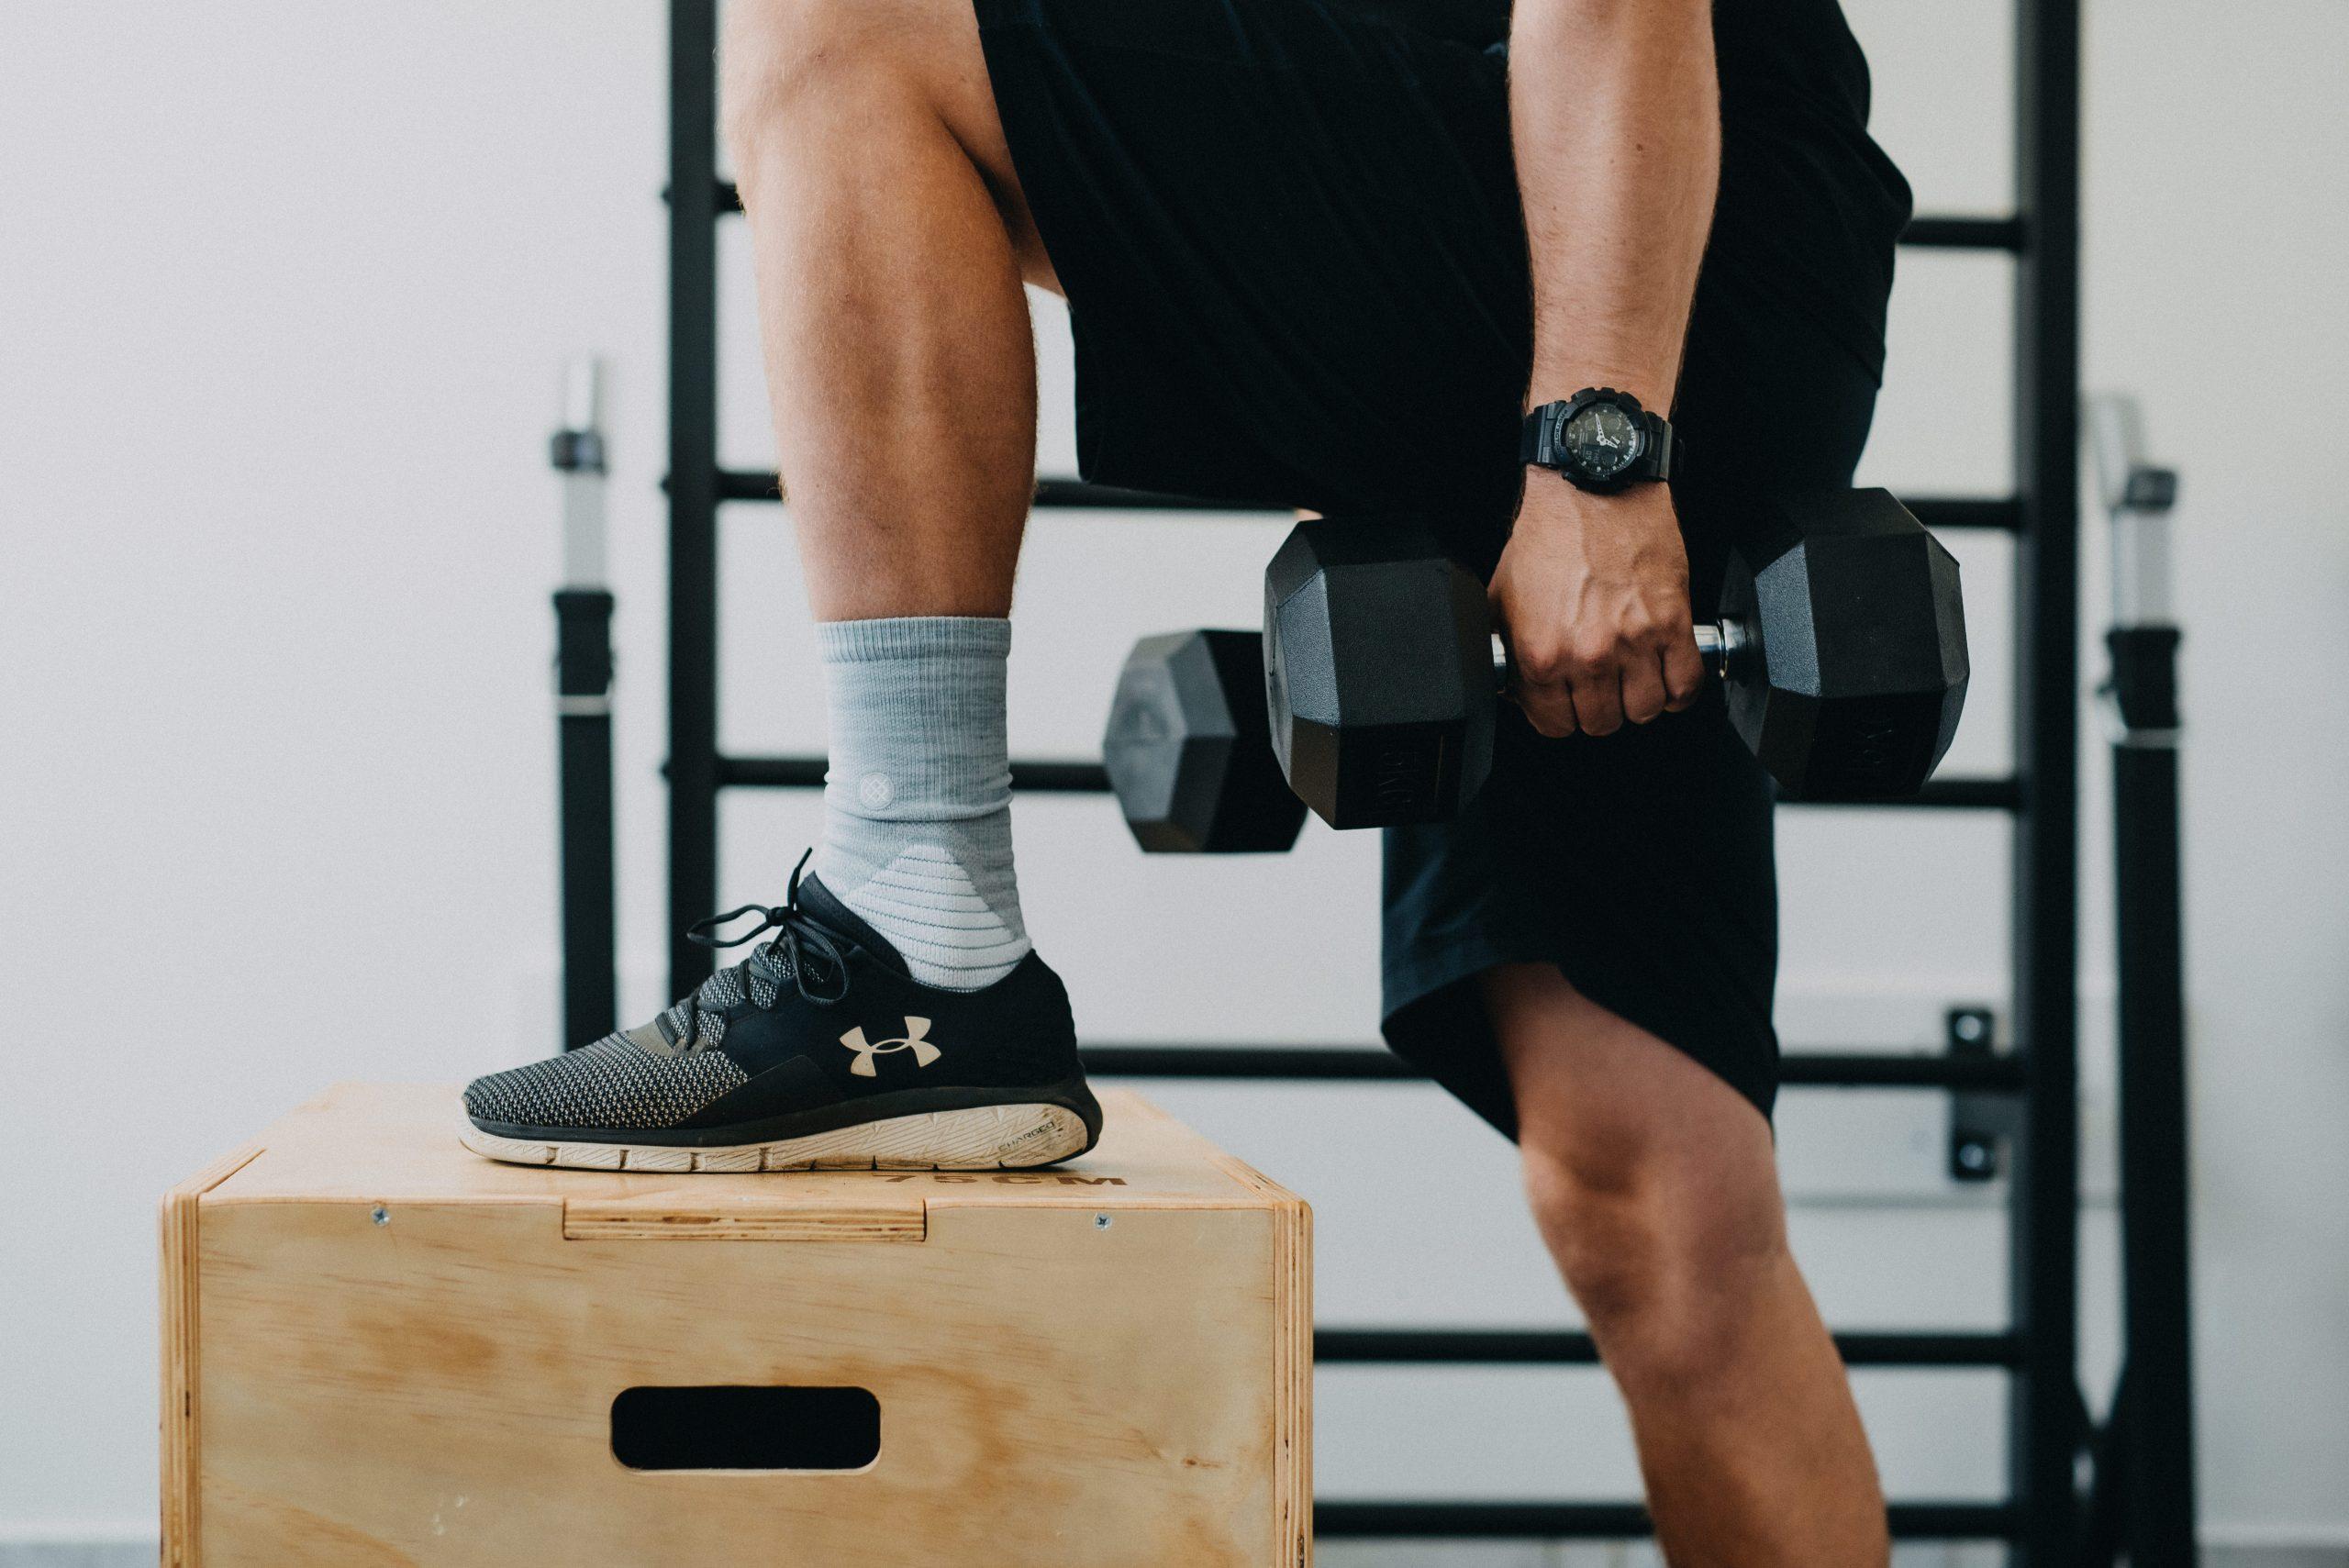 Sportler mit Hanteln und Bein auf Kiste